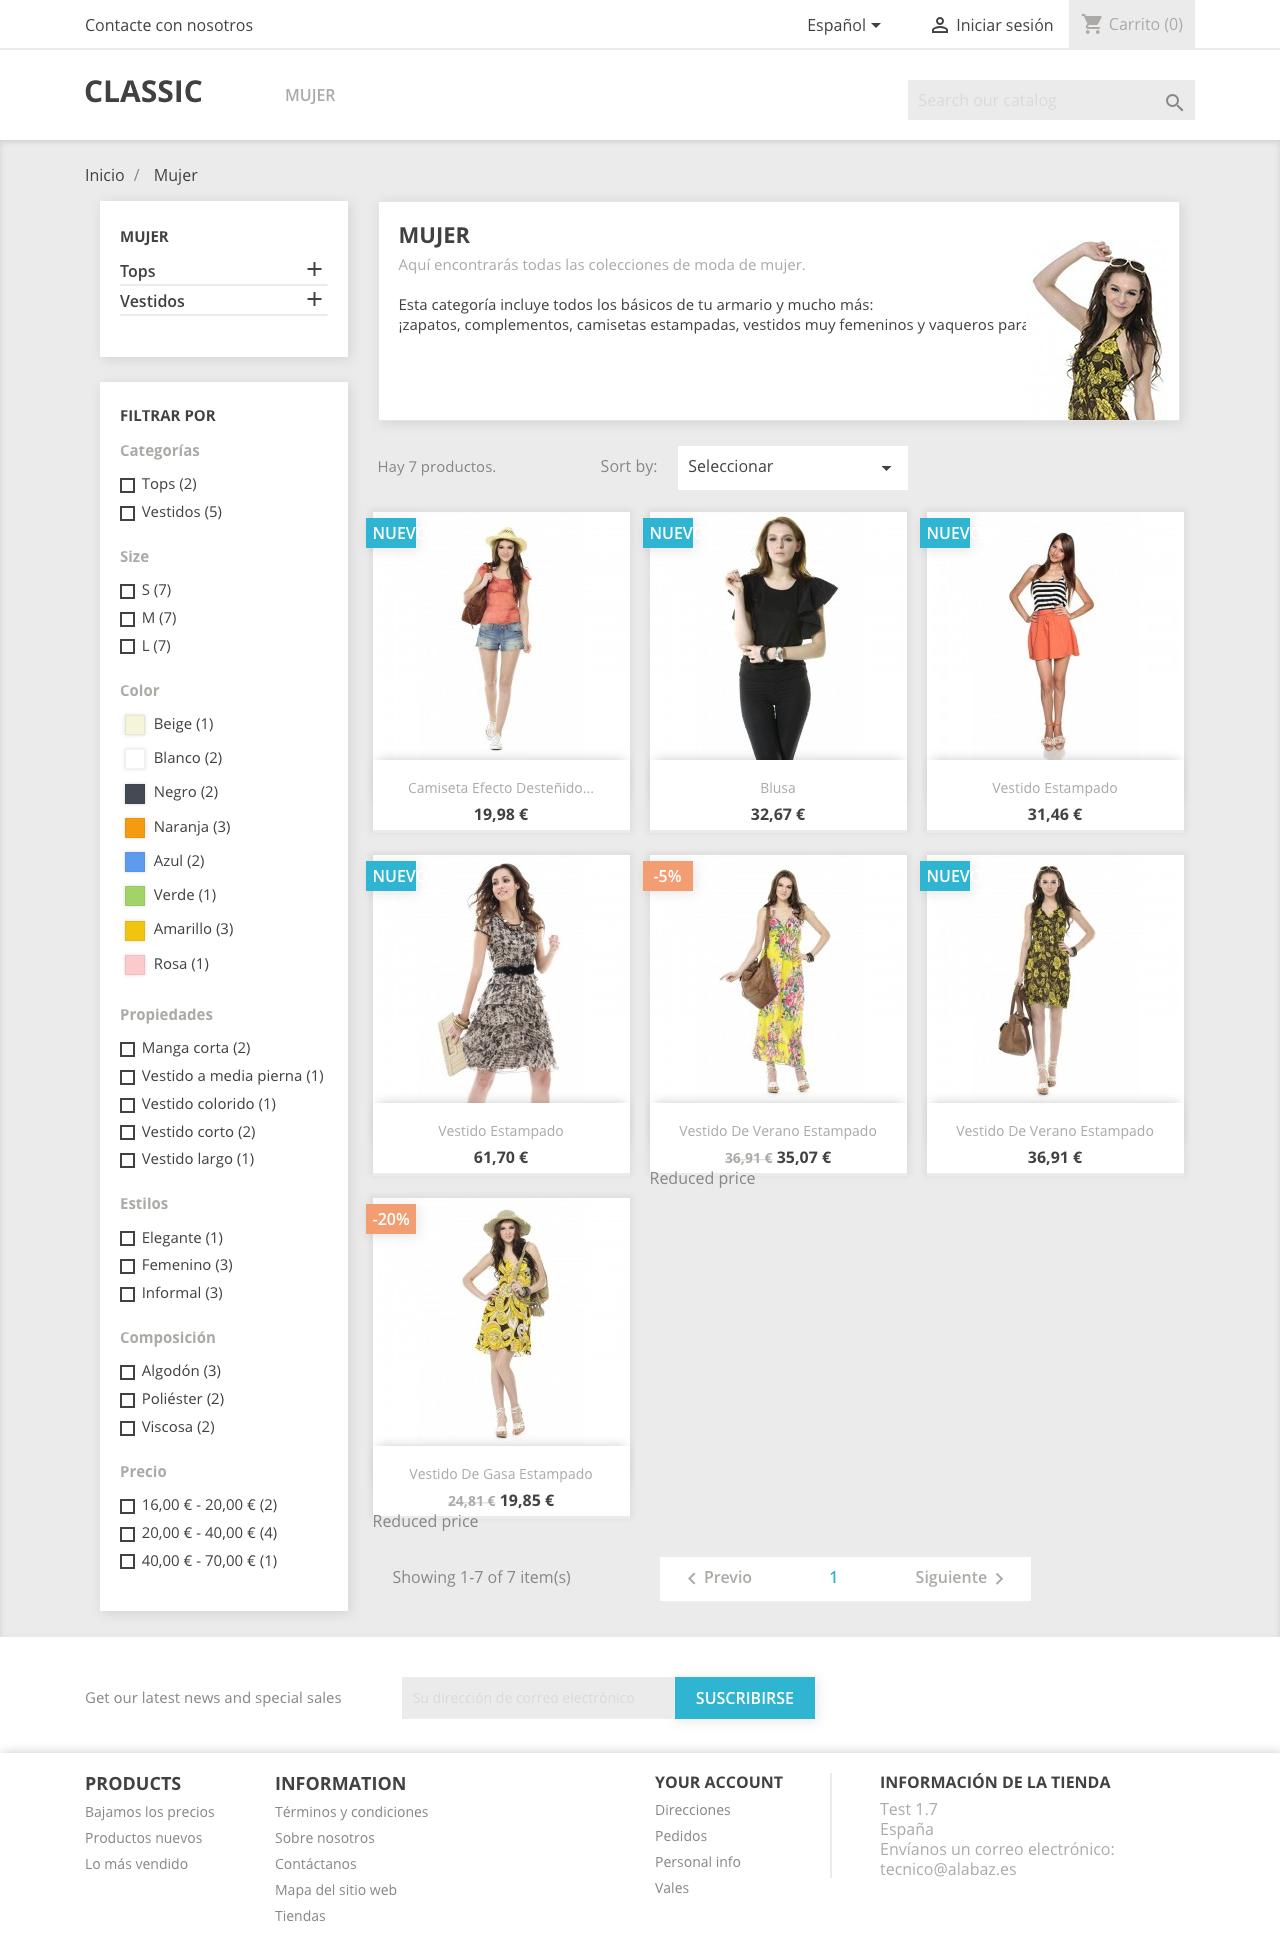 La pagina de categorias es más moderna en PS 1.7